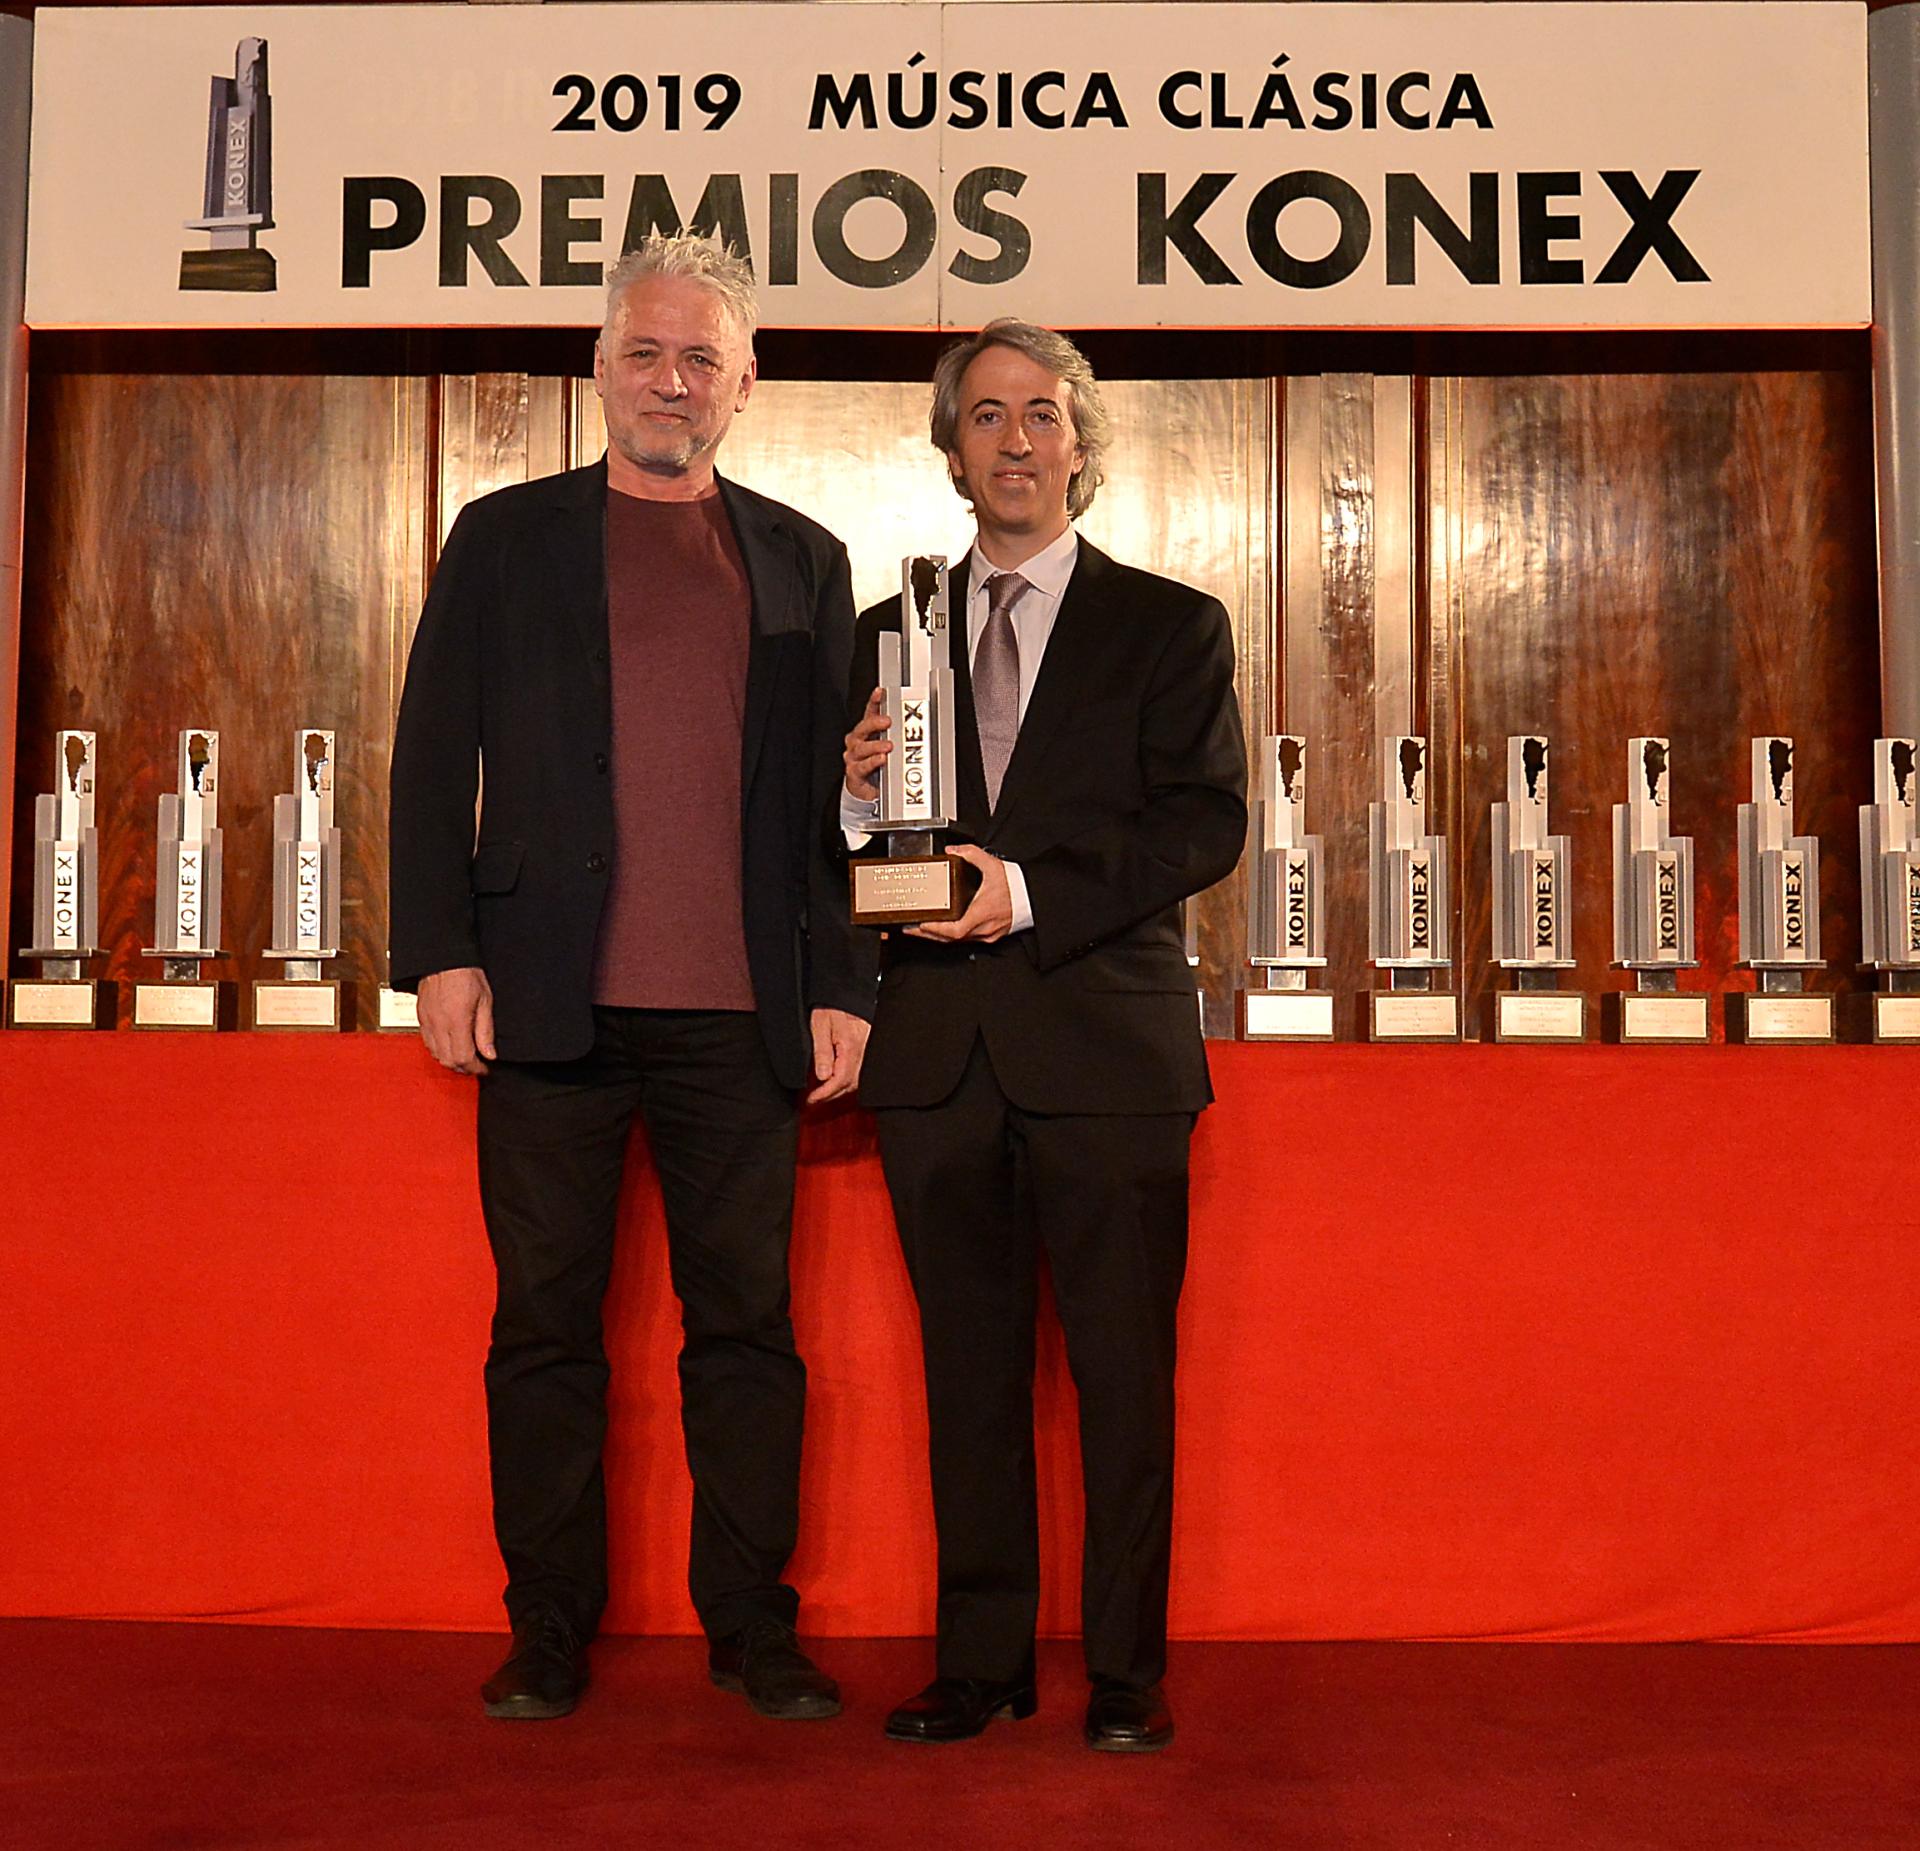 Premio en mano, el compositor, Esteban Benzecry, definió a la composición como un pilar de la música clásica